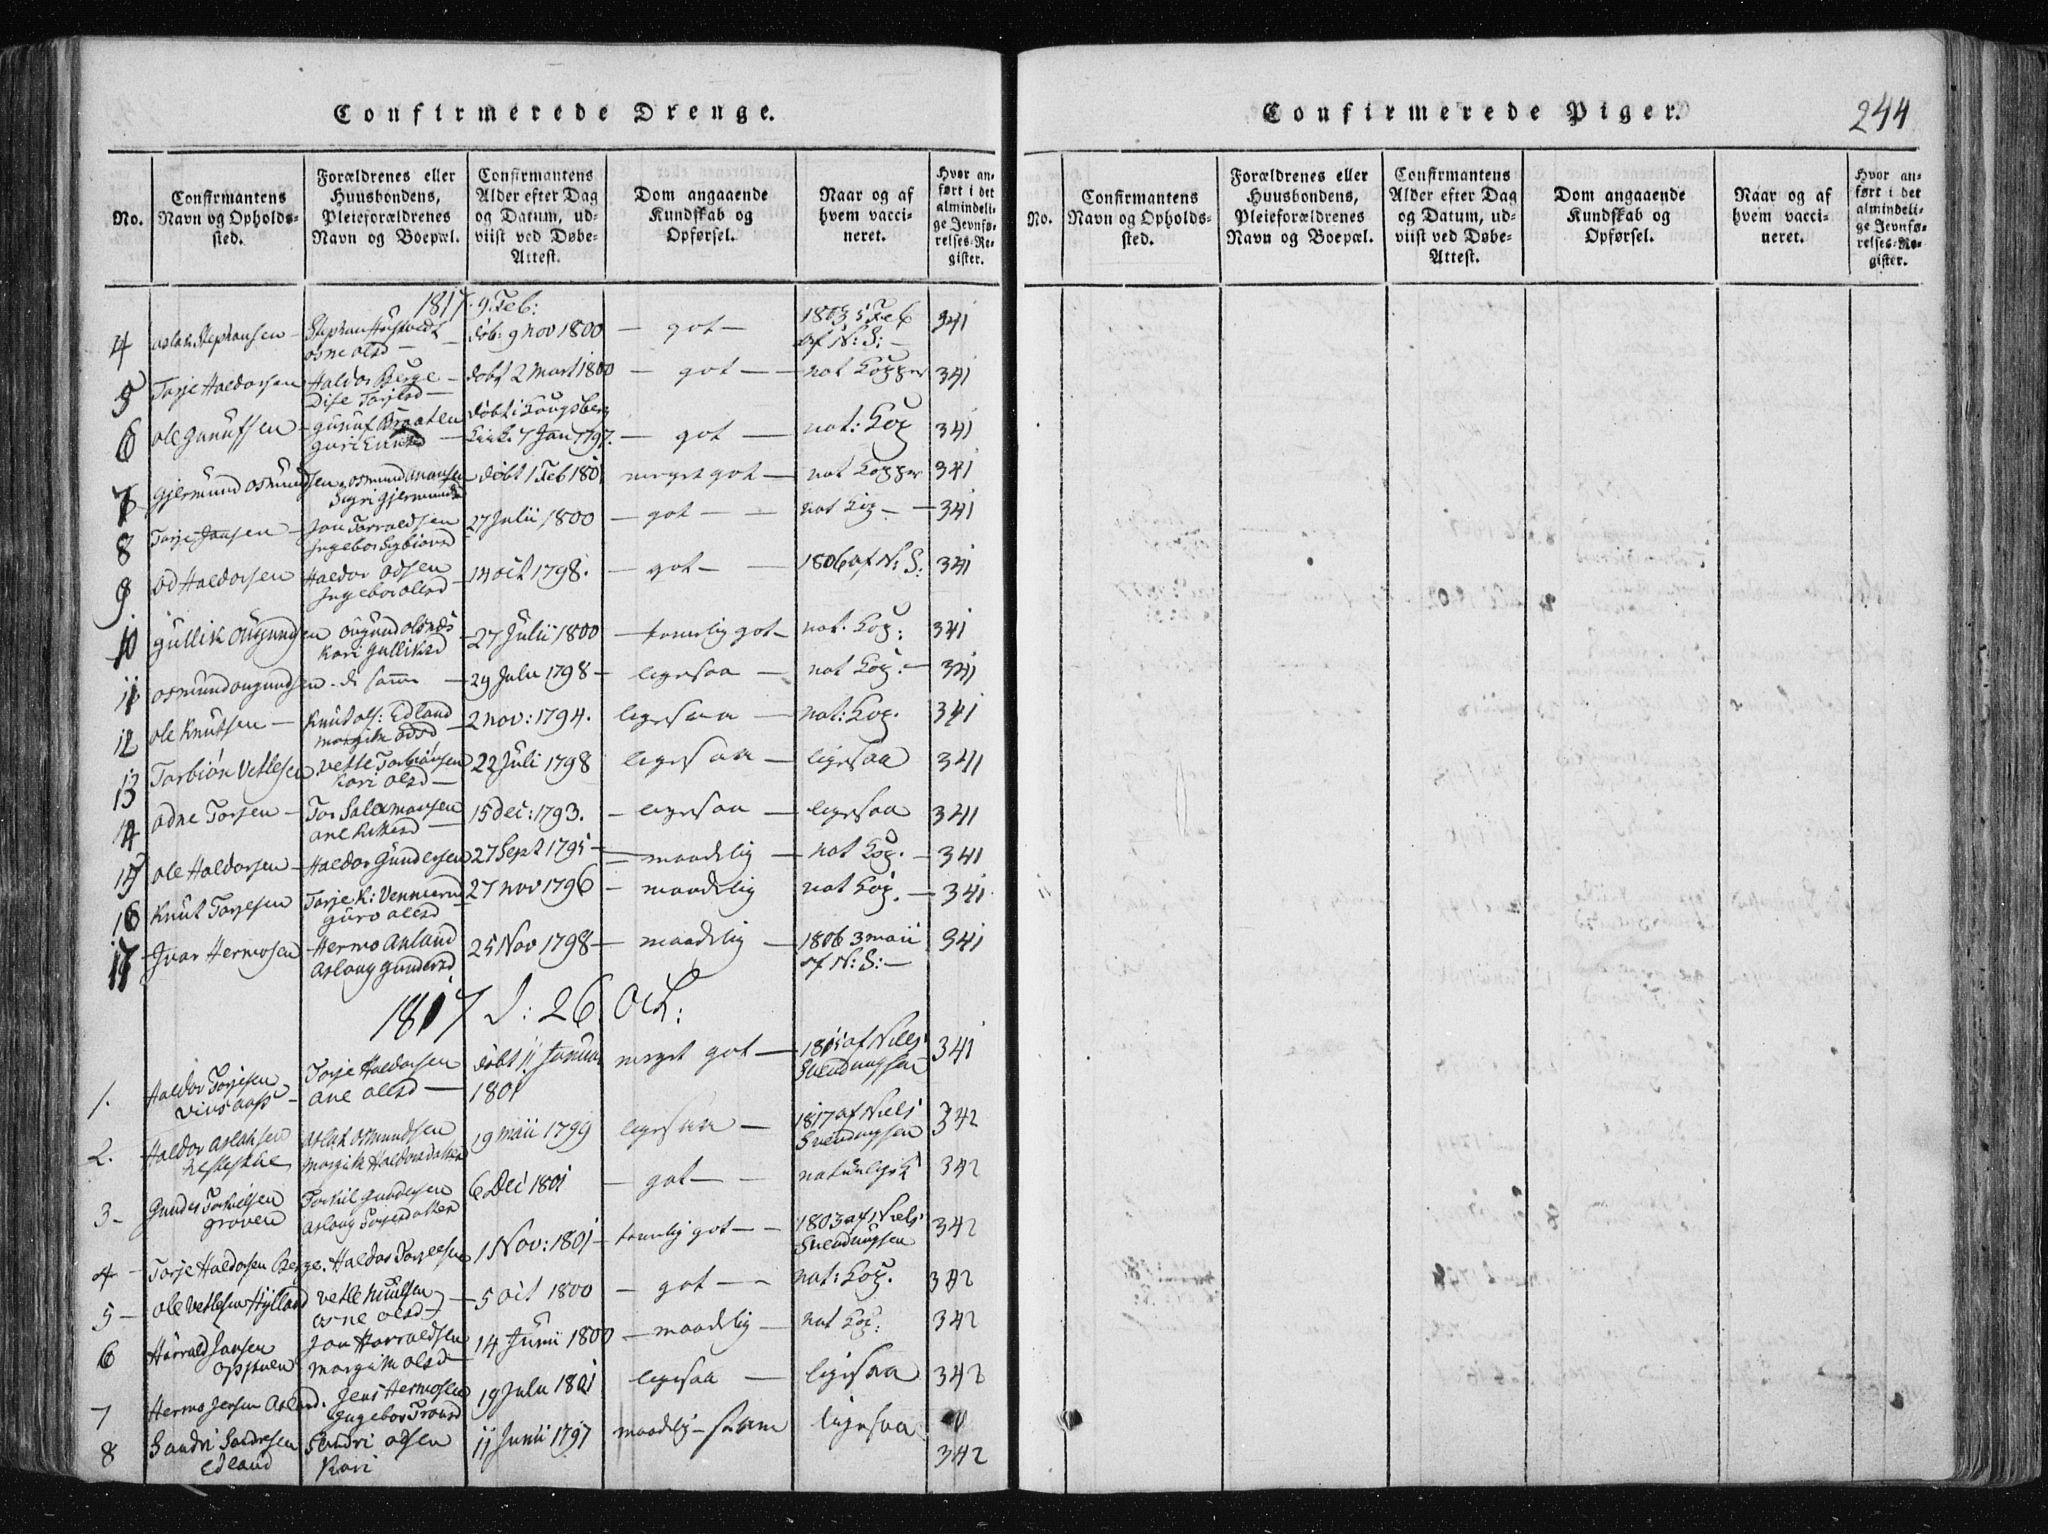 SAKO, Vinje kirkebøker, F/Fa/L0003: Ministerialbok nr. I 3, 1814-1843, s. 244